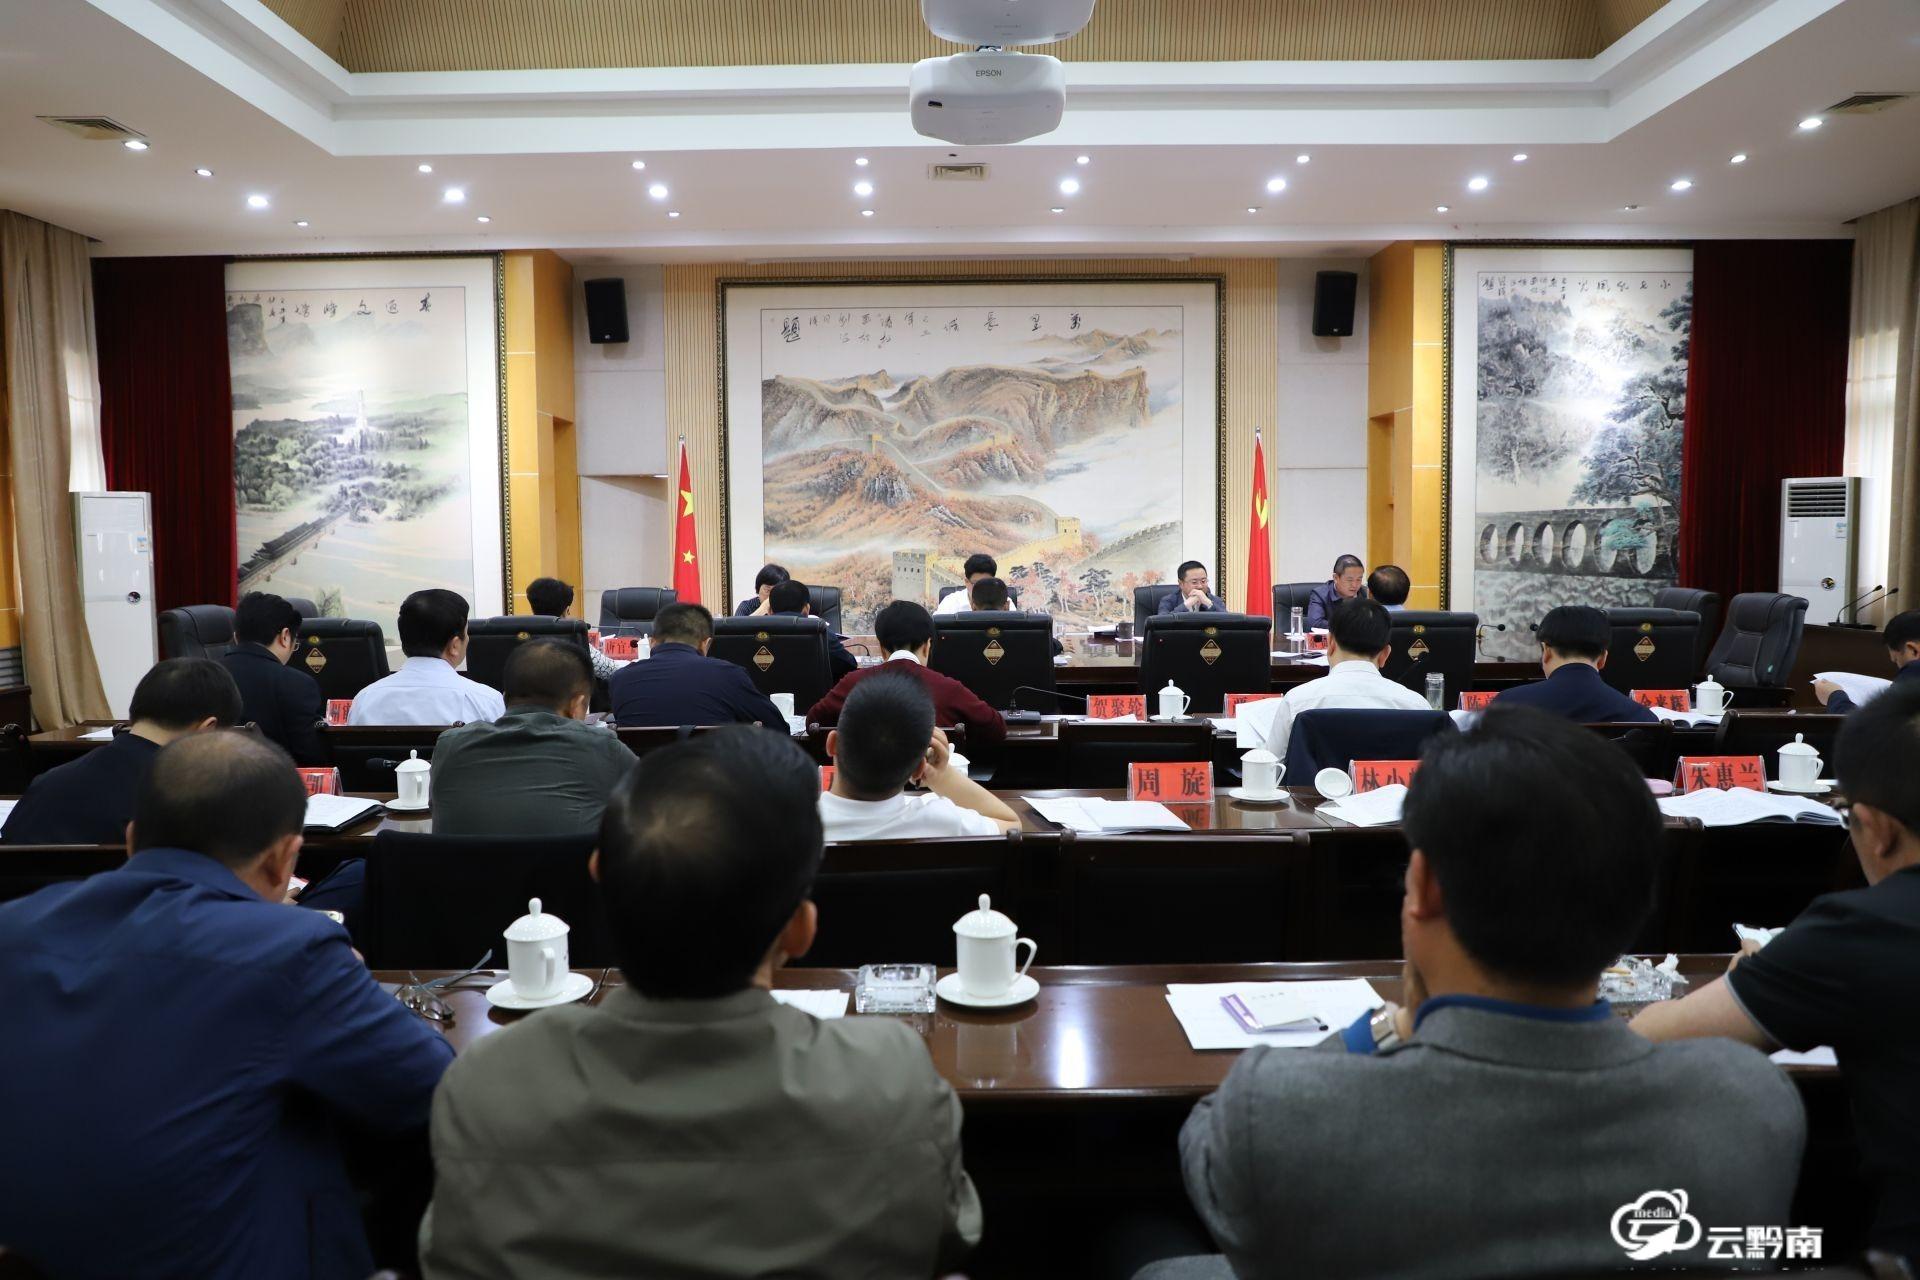 州政府召開常務會議研究部署各領域重點工作推進和招商引資、掃黑除惡工作